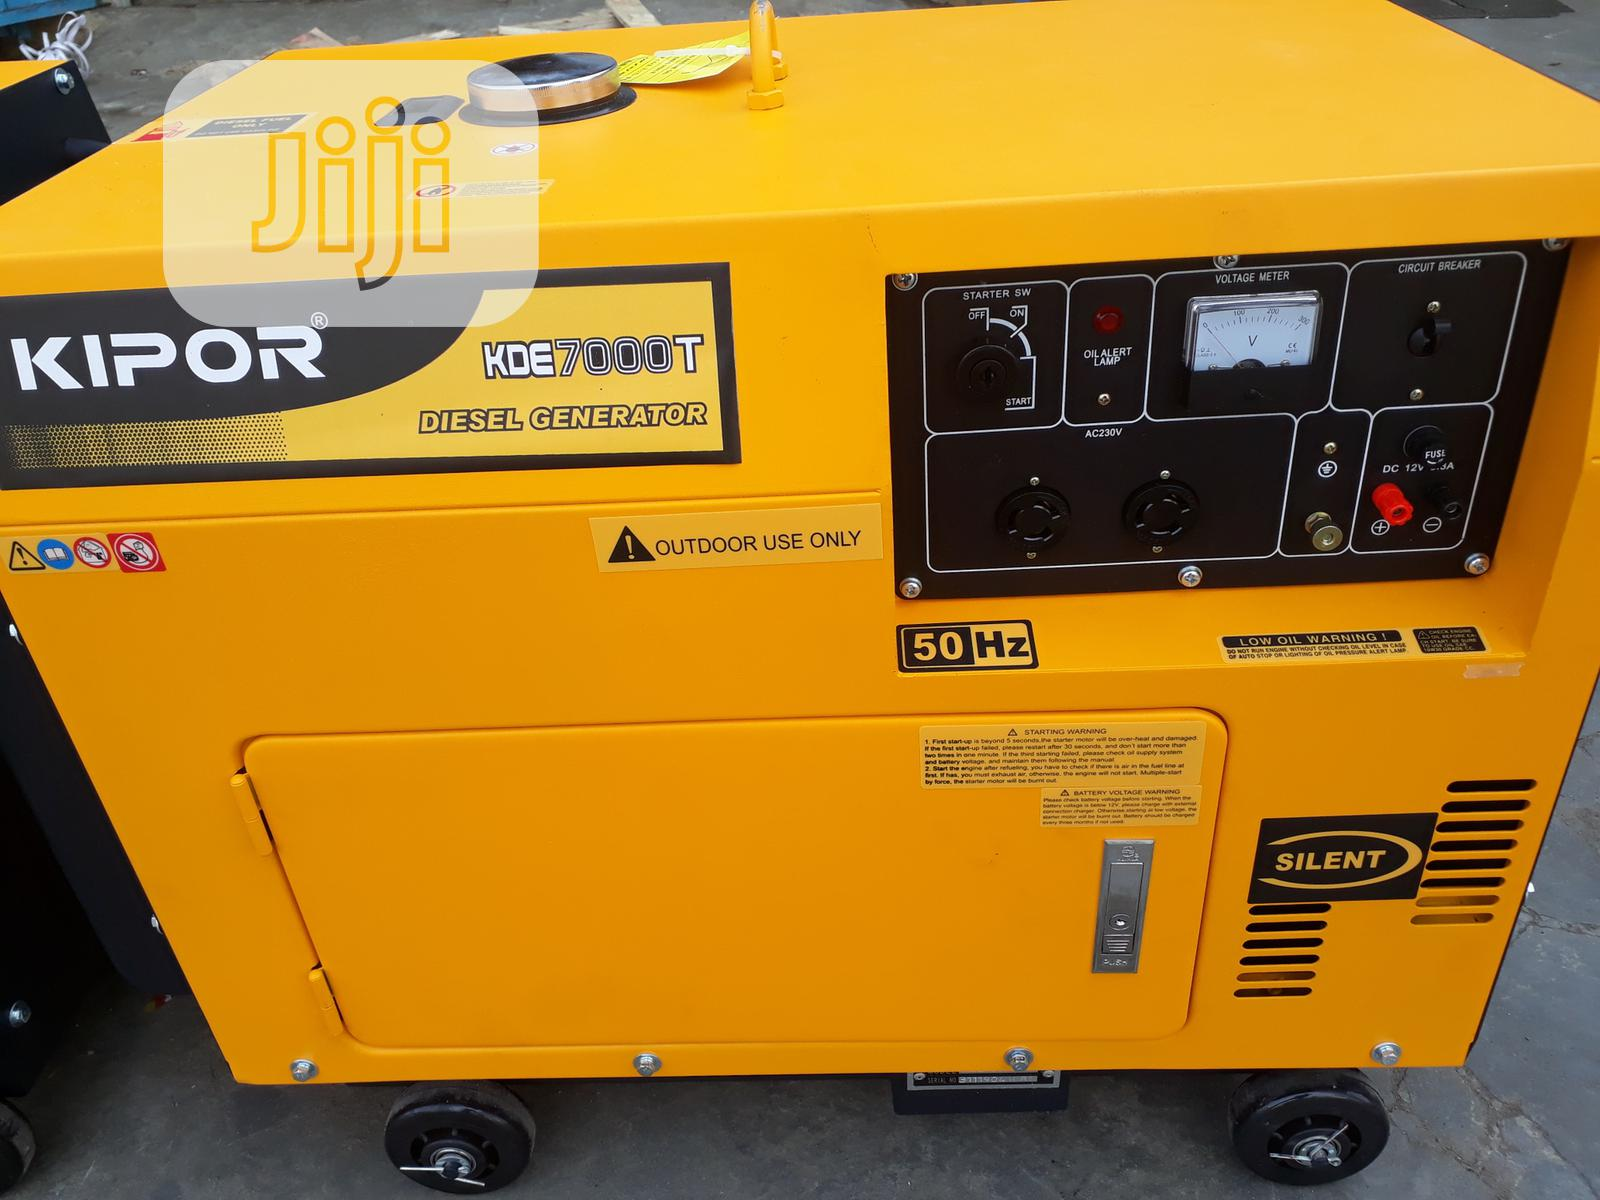 Kipor Diesel Generator 8.5kva Single Phase